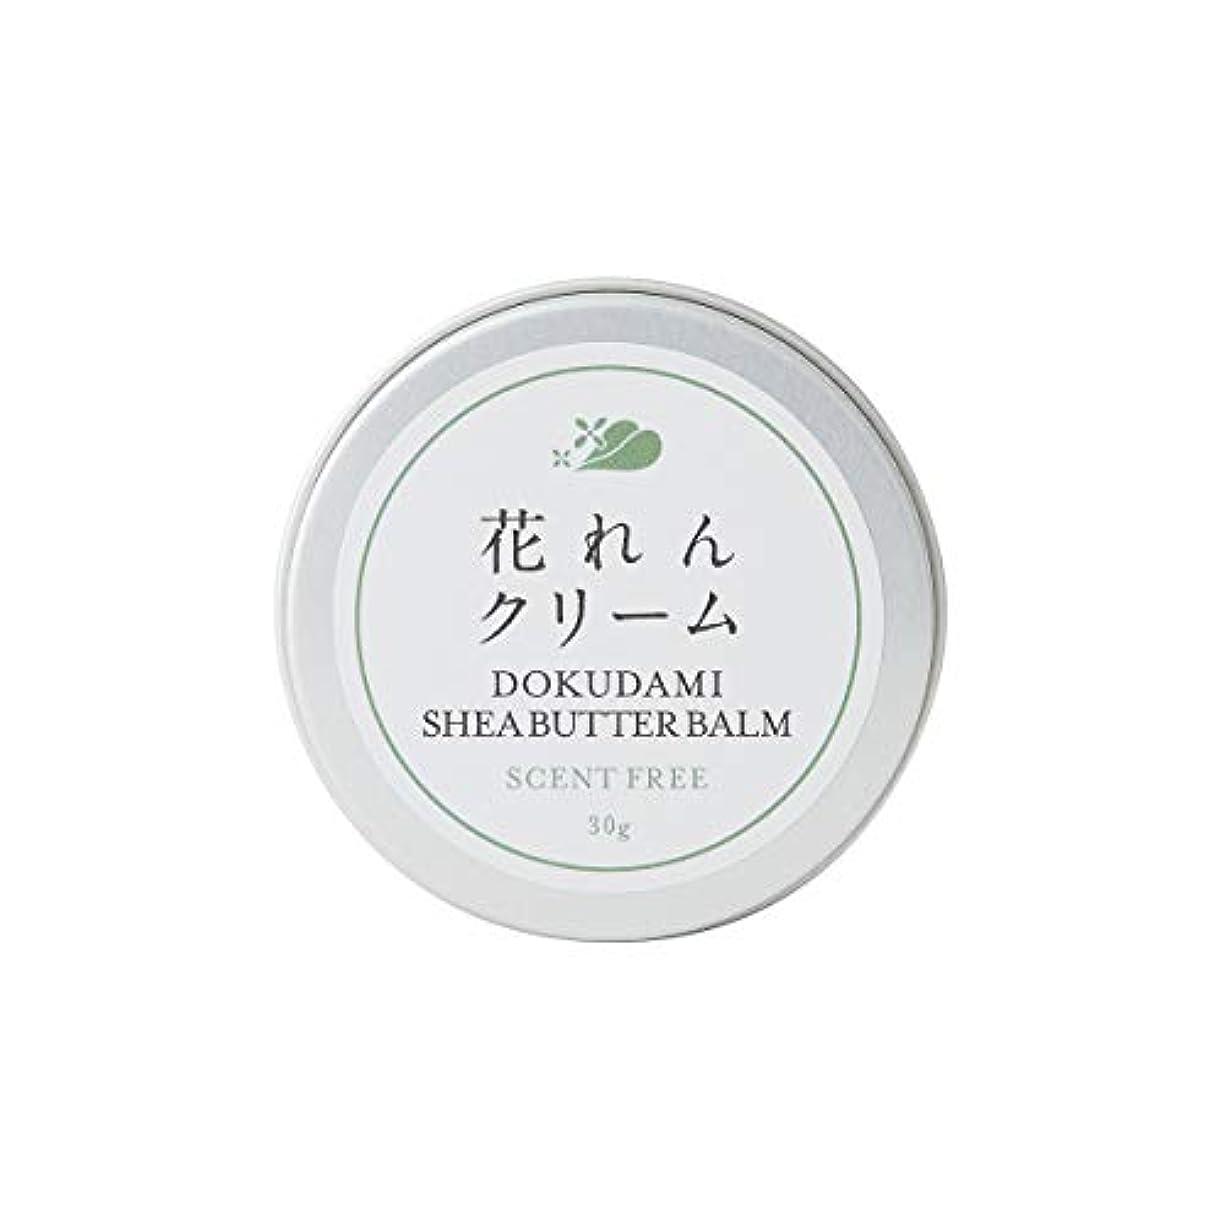 重量用語集入植者友絵工房 どくだみシアバタークリーム(無香料) 30g